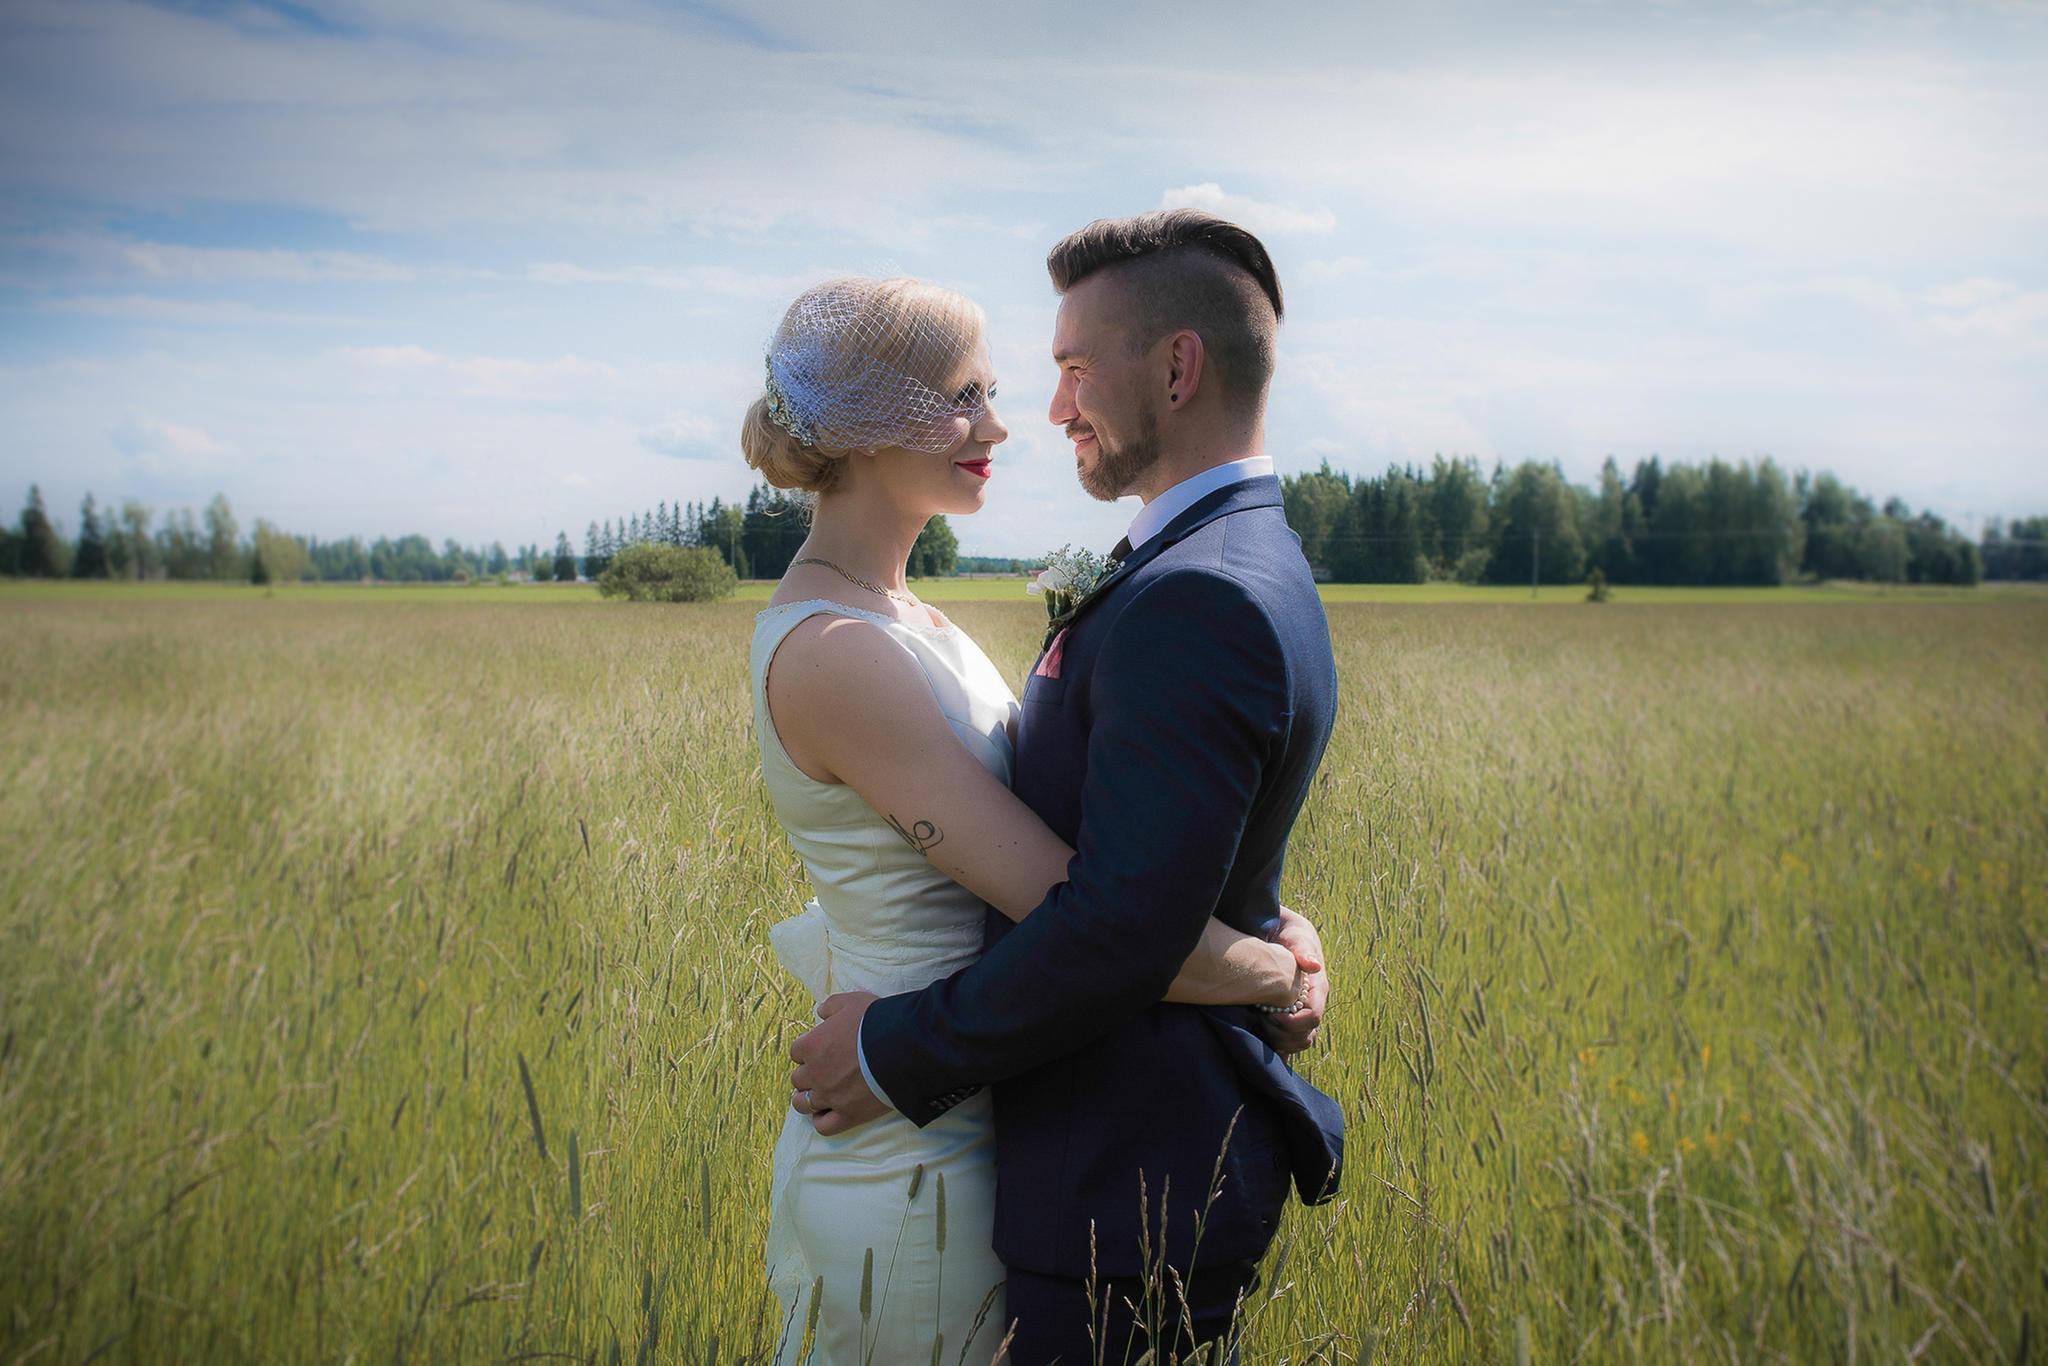 Johanna Kempf Photography, Copyright: All Rights Reserved Johanna Kempf Photography. Photographer: JOHANNA KEMPF.